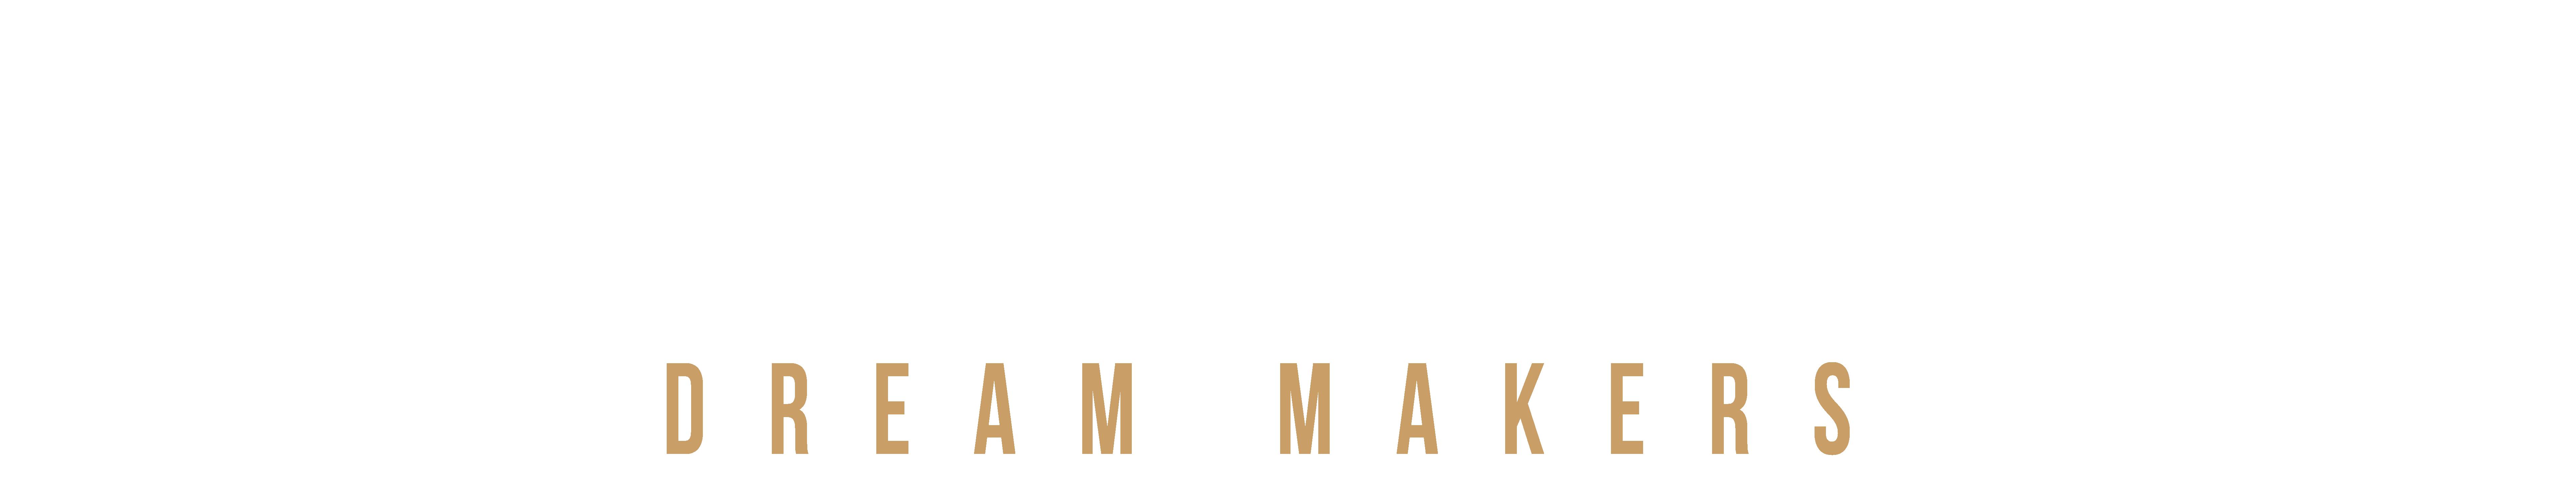 Les Frères Lumiere - Filmmakers & Photographers